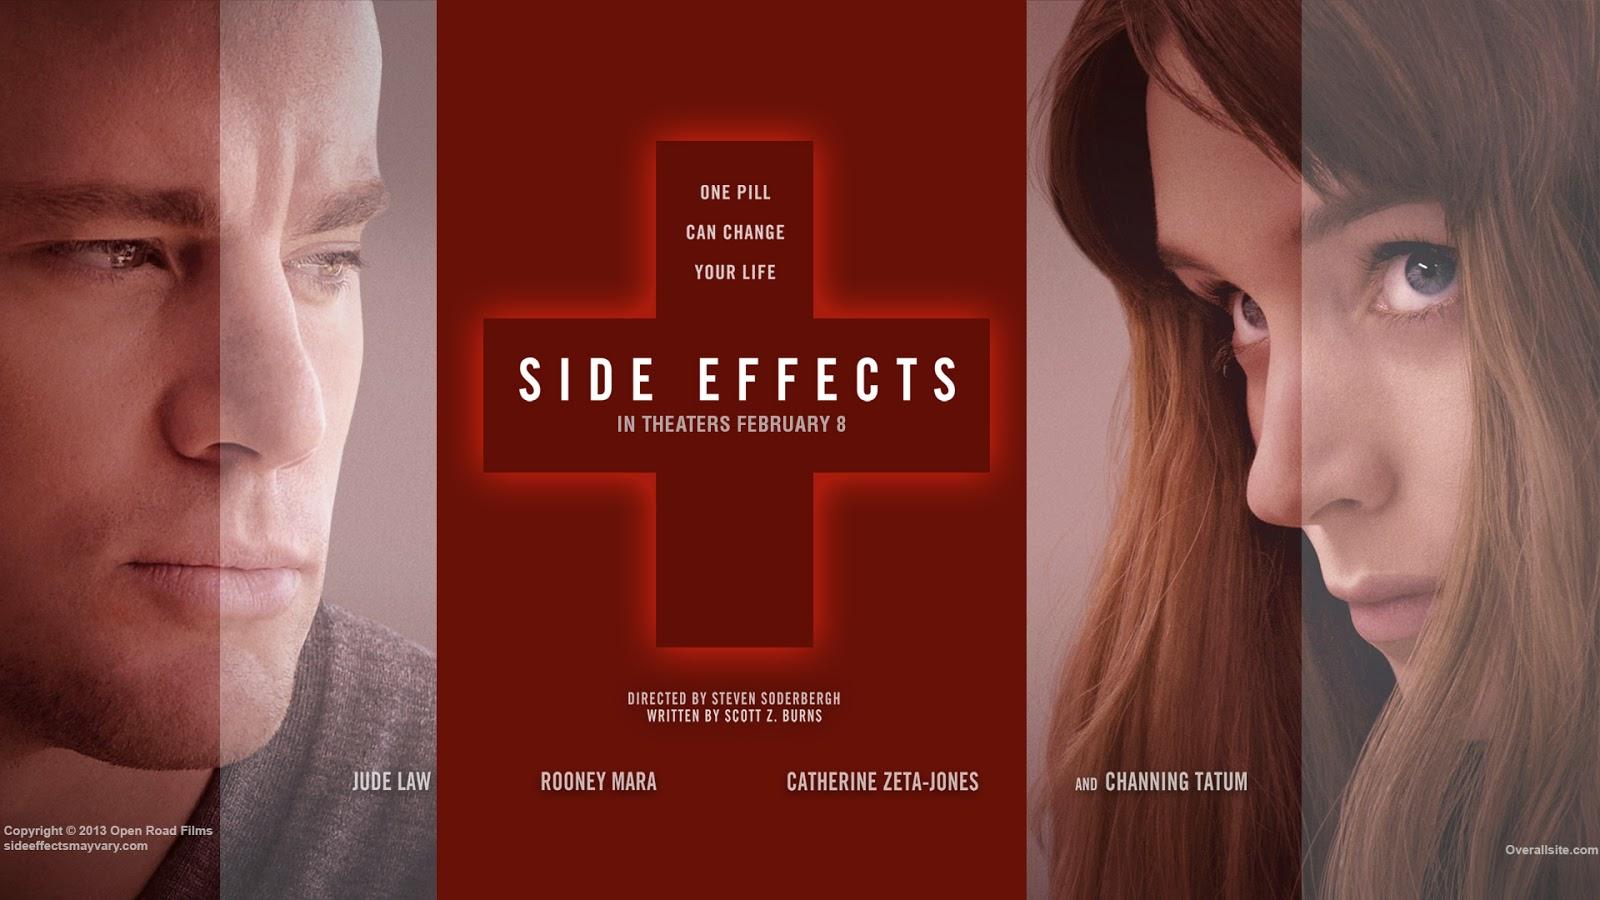 http://2.bp.blogspot.com/-LypfYPMxSTI/UOyspIIOfGI/AAAAAAAAMRU/dXS2JZERh_E/s1600/side-effects-wallpaper.jpg